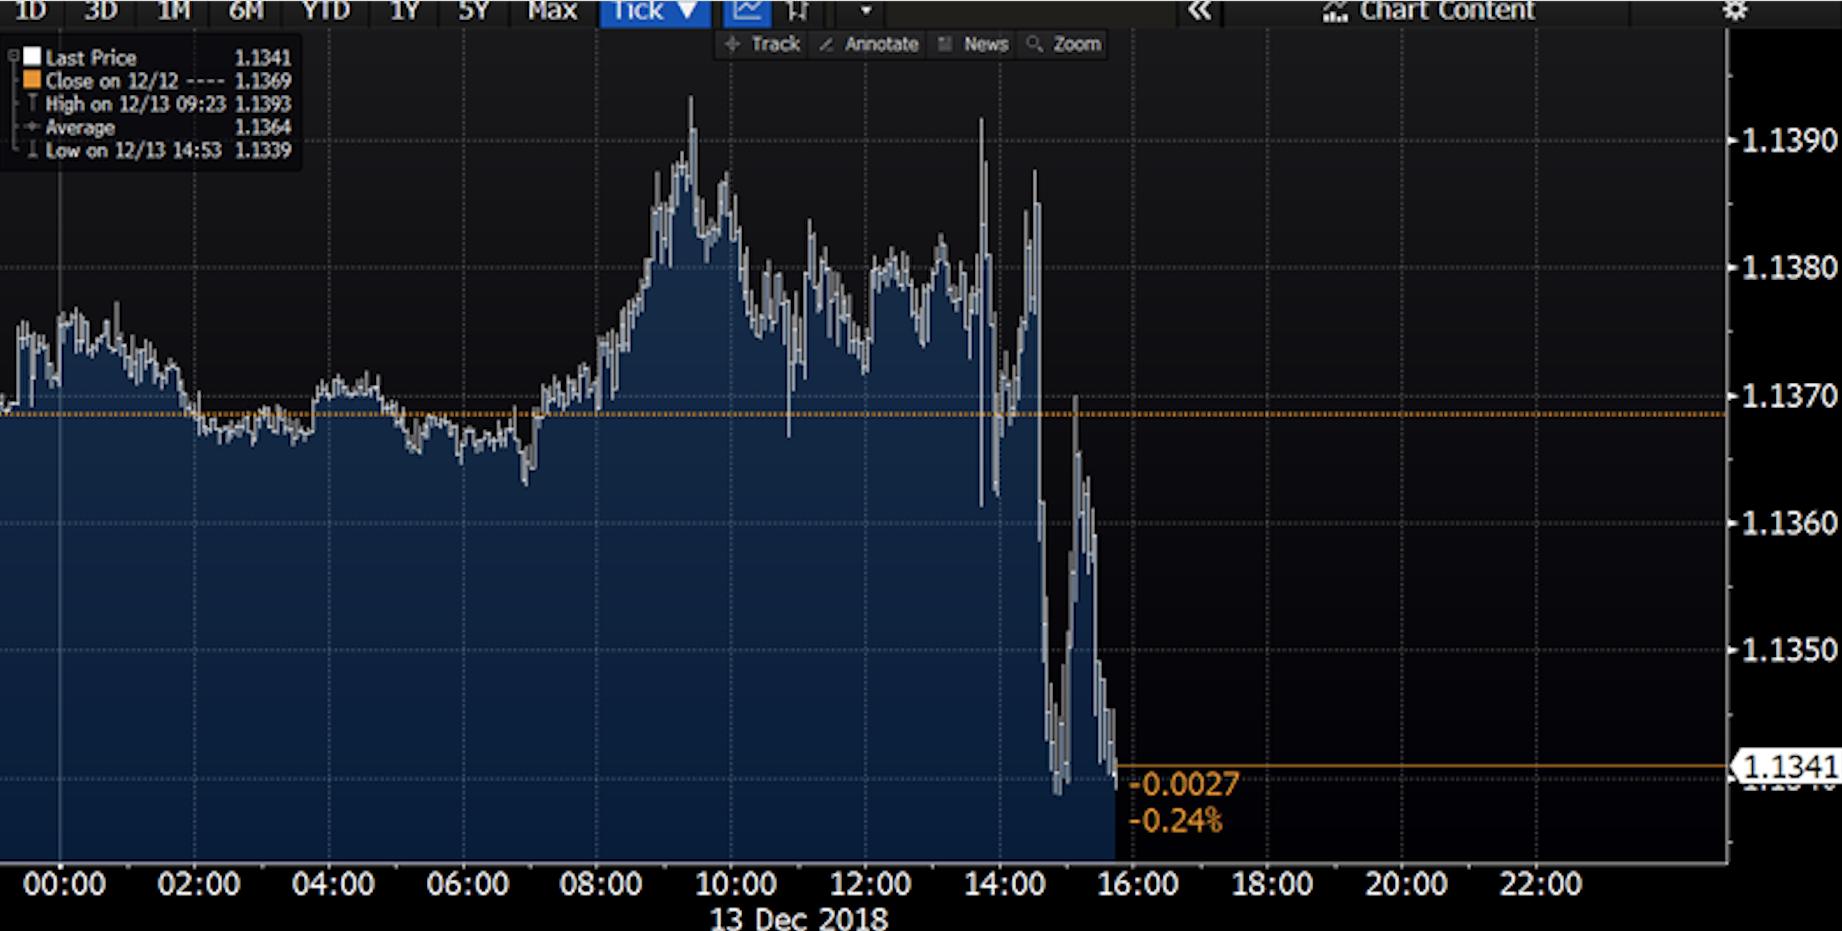 Cambio euro dollaro nel giorno della bce